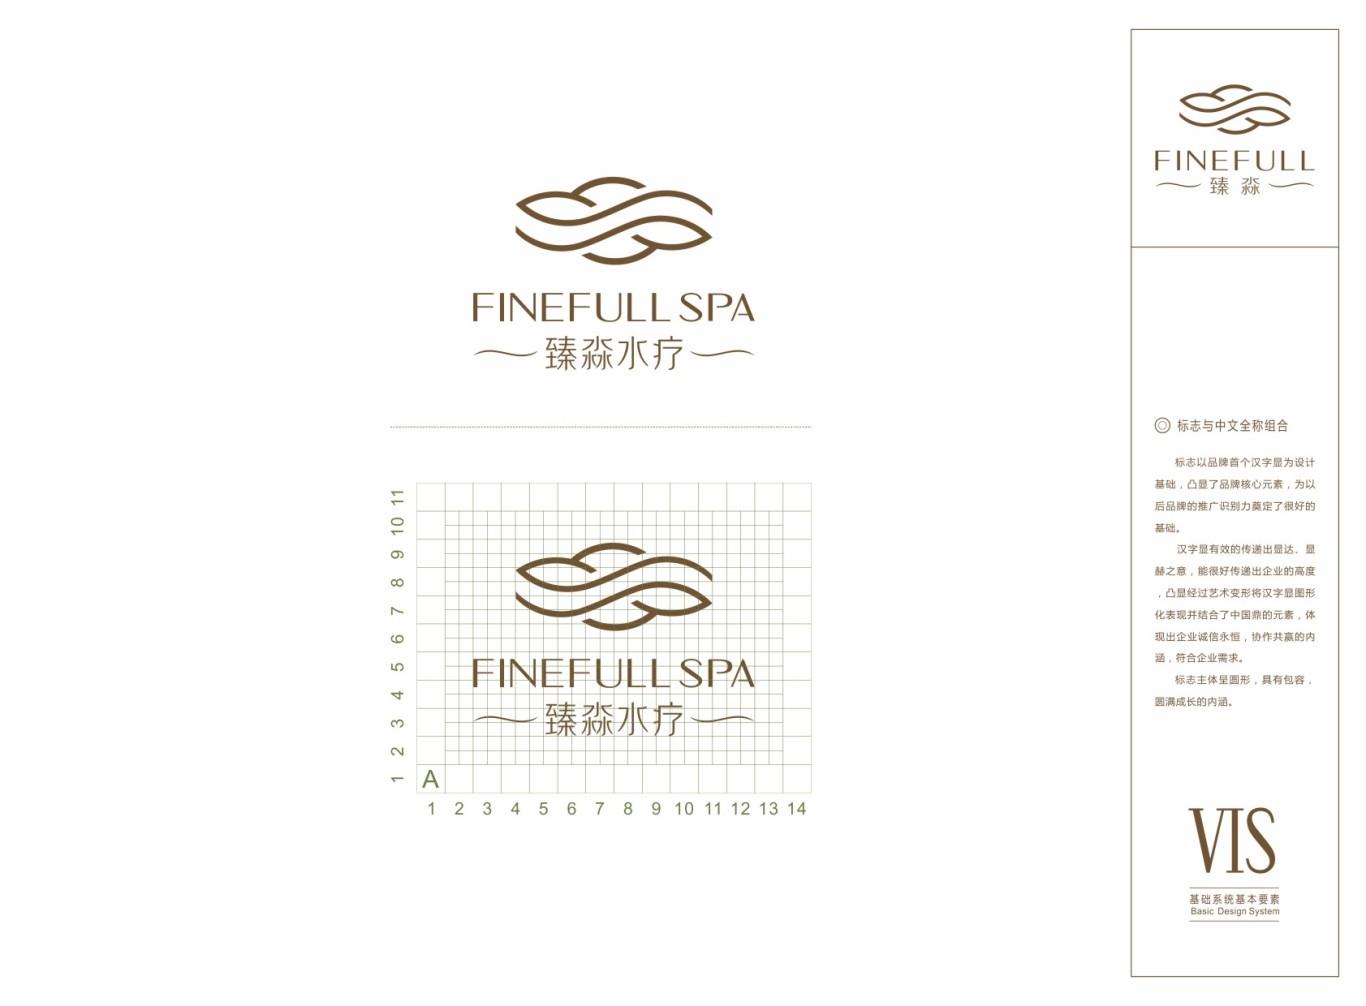 北京五星级FINEFULL-SPA水疗中心标志及VI设计图11